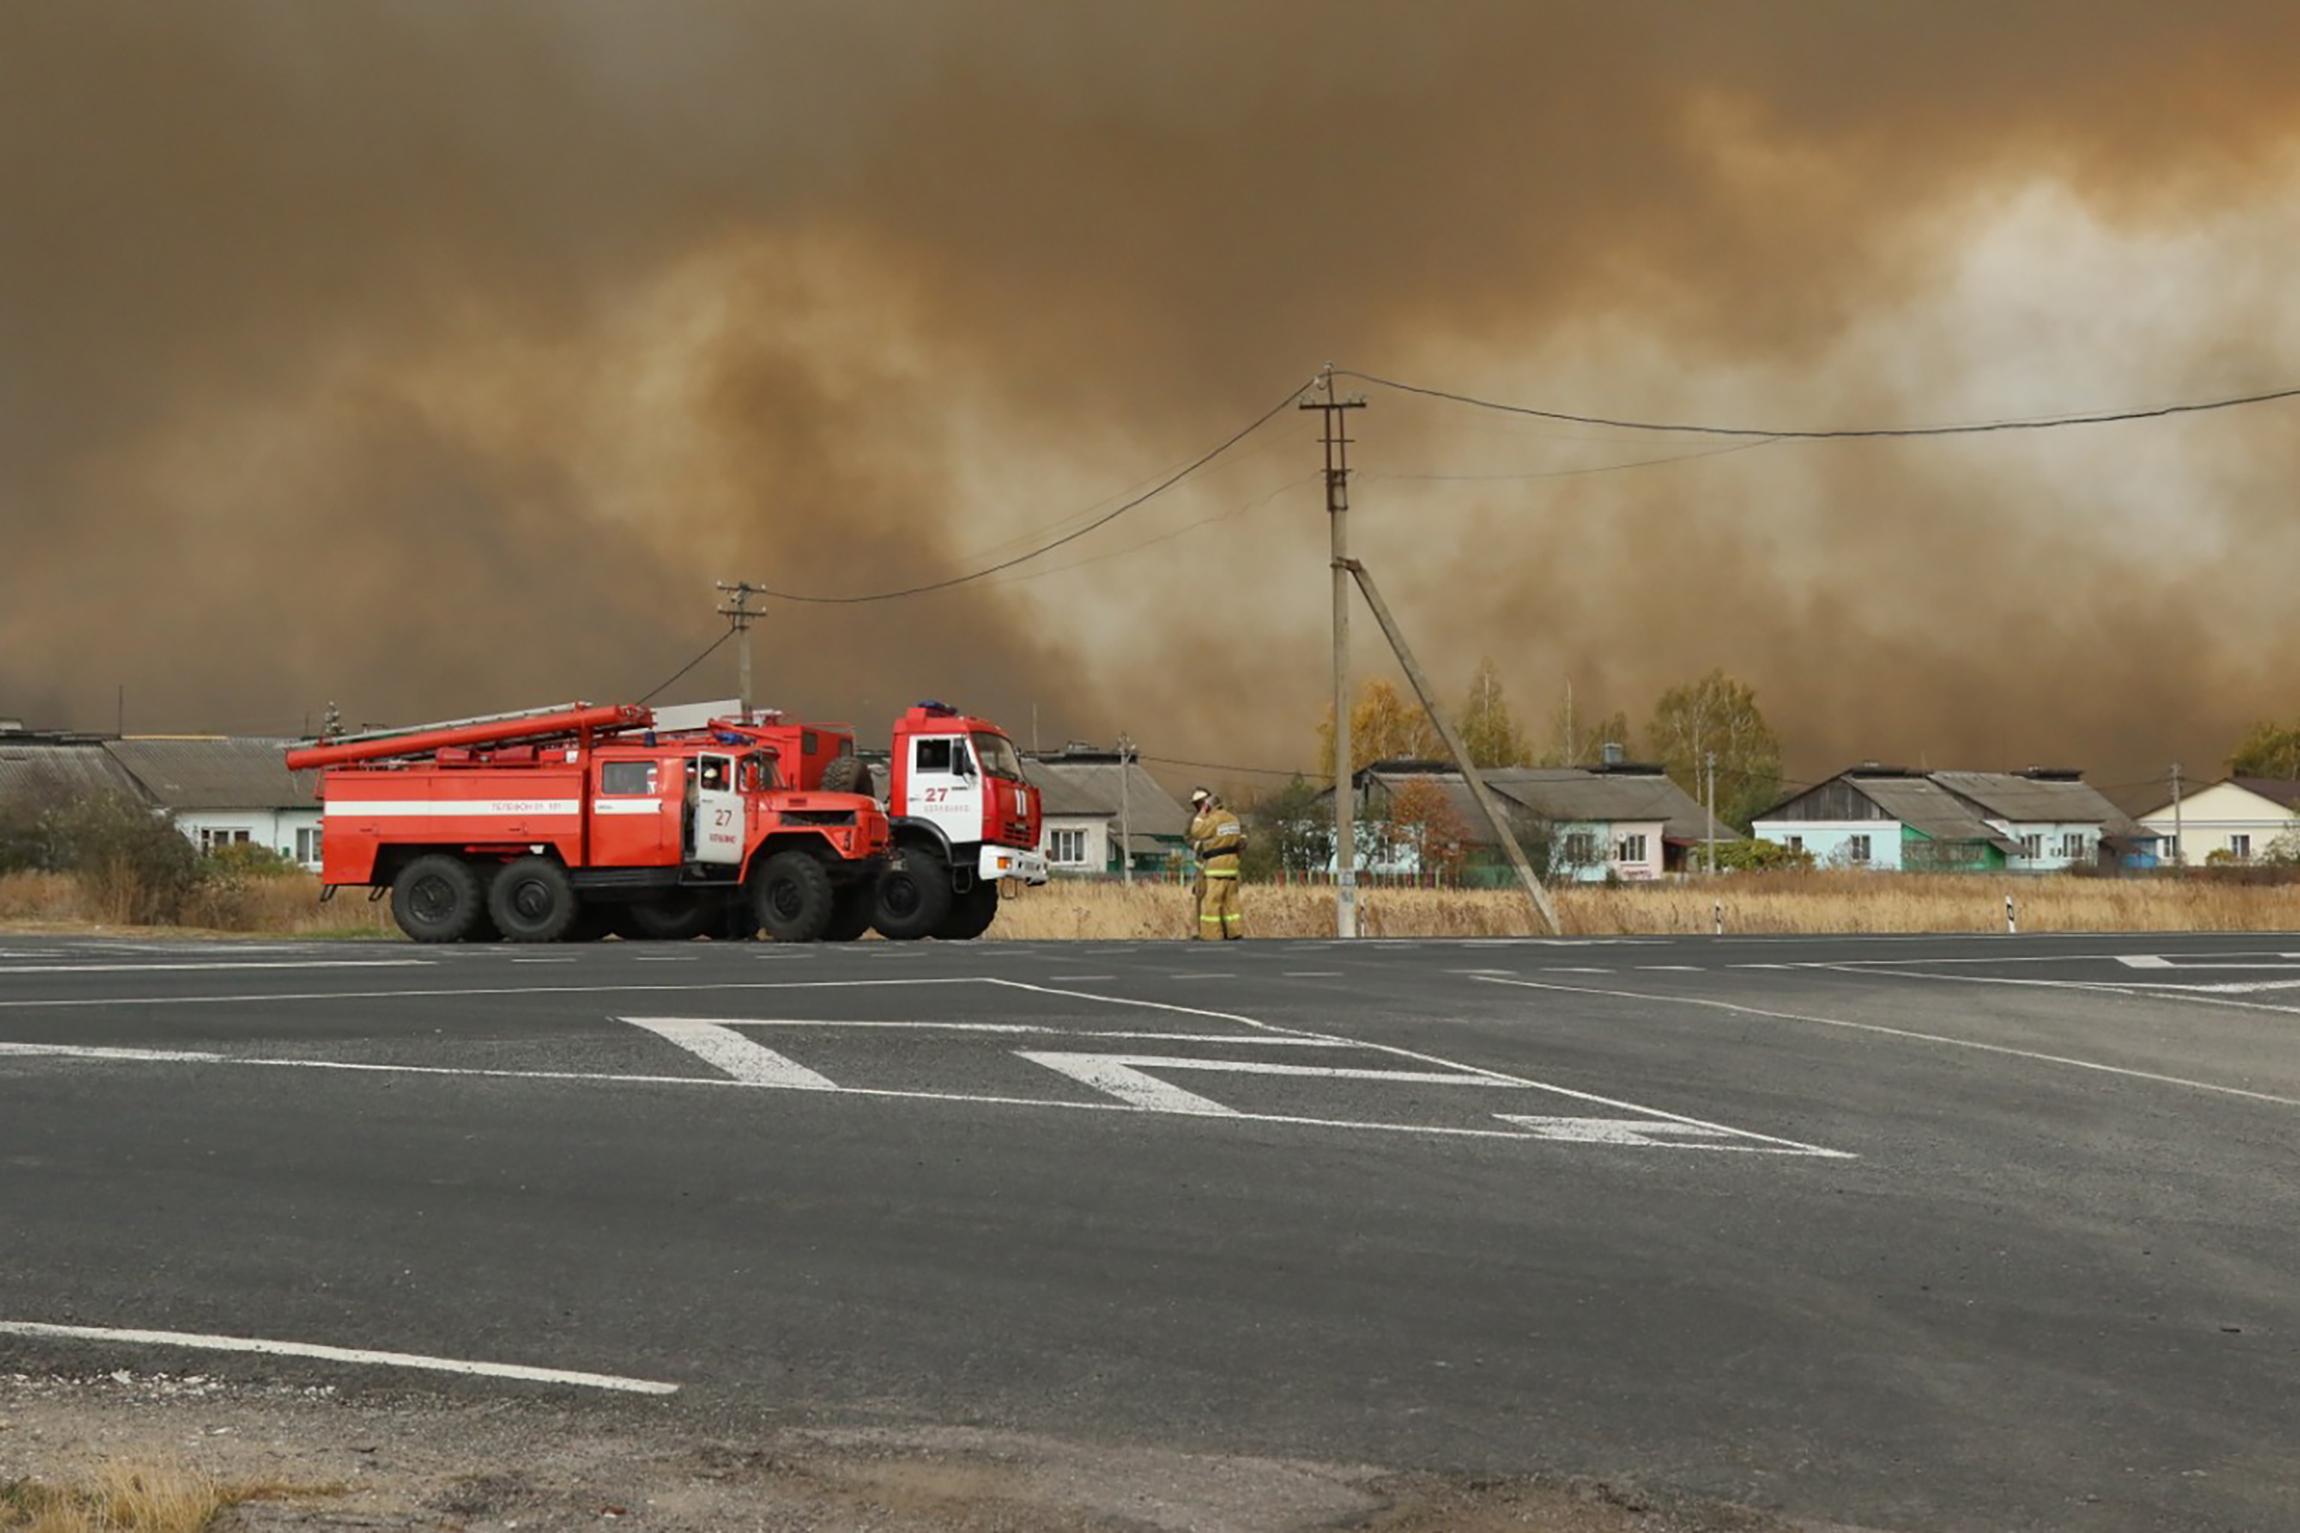 當地時間10月7日,俄羅斯梁贊州,一輛消防車飛馳在火場外。據報道,位於梁贊州的俄羅斯西部軍區一軍火庫7日發生火災,庫內部分彈藥發生爆炸。軍火庫周圍2300多人被疏散。(美聯社)